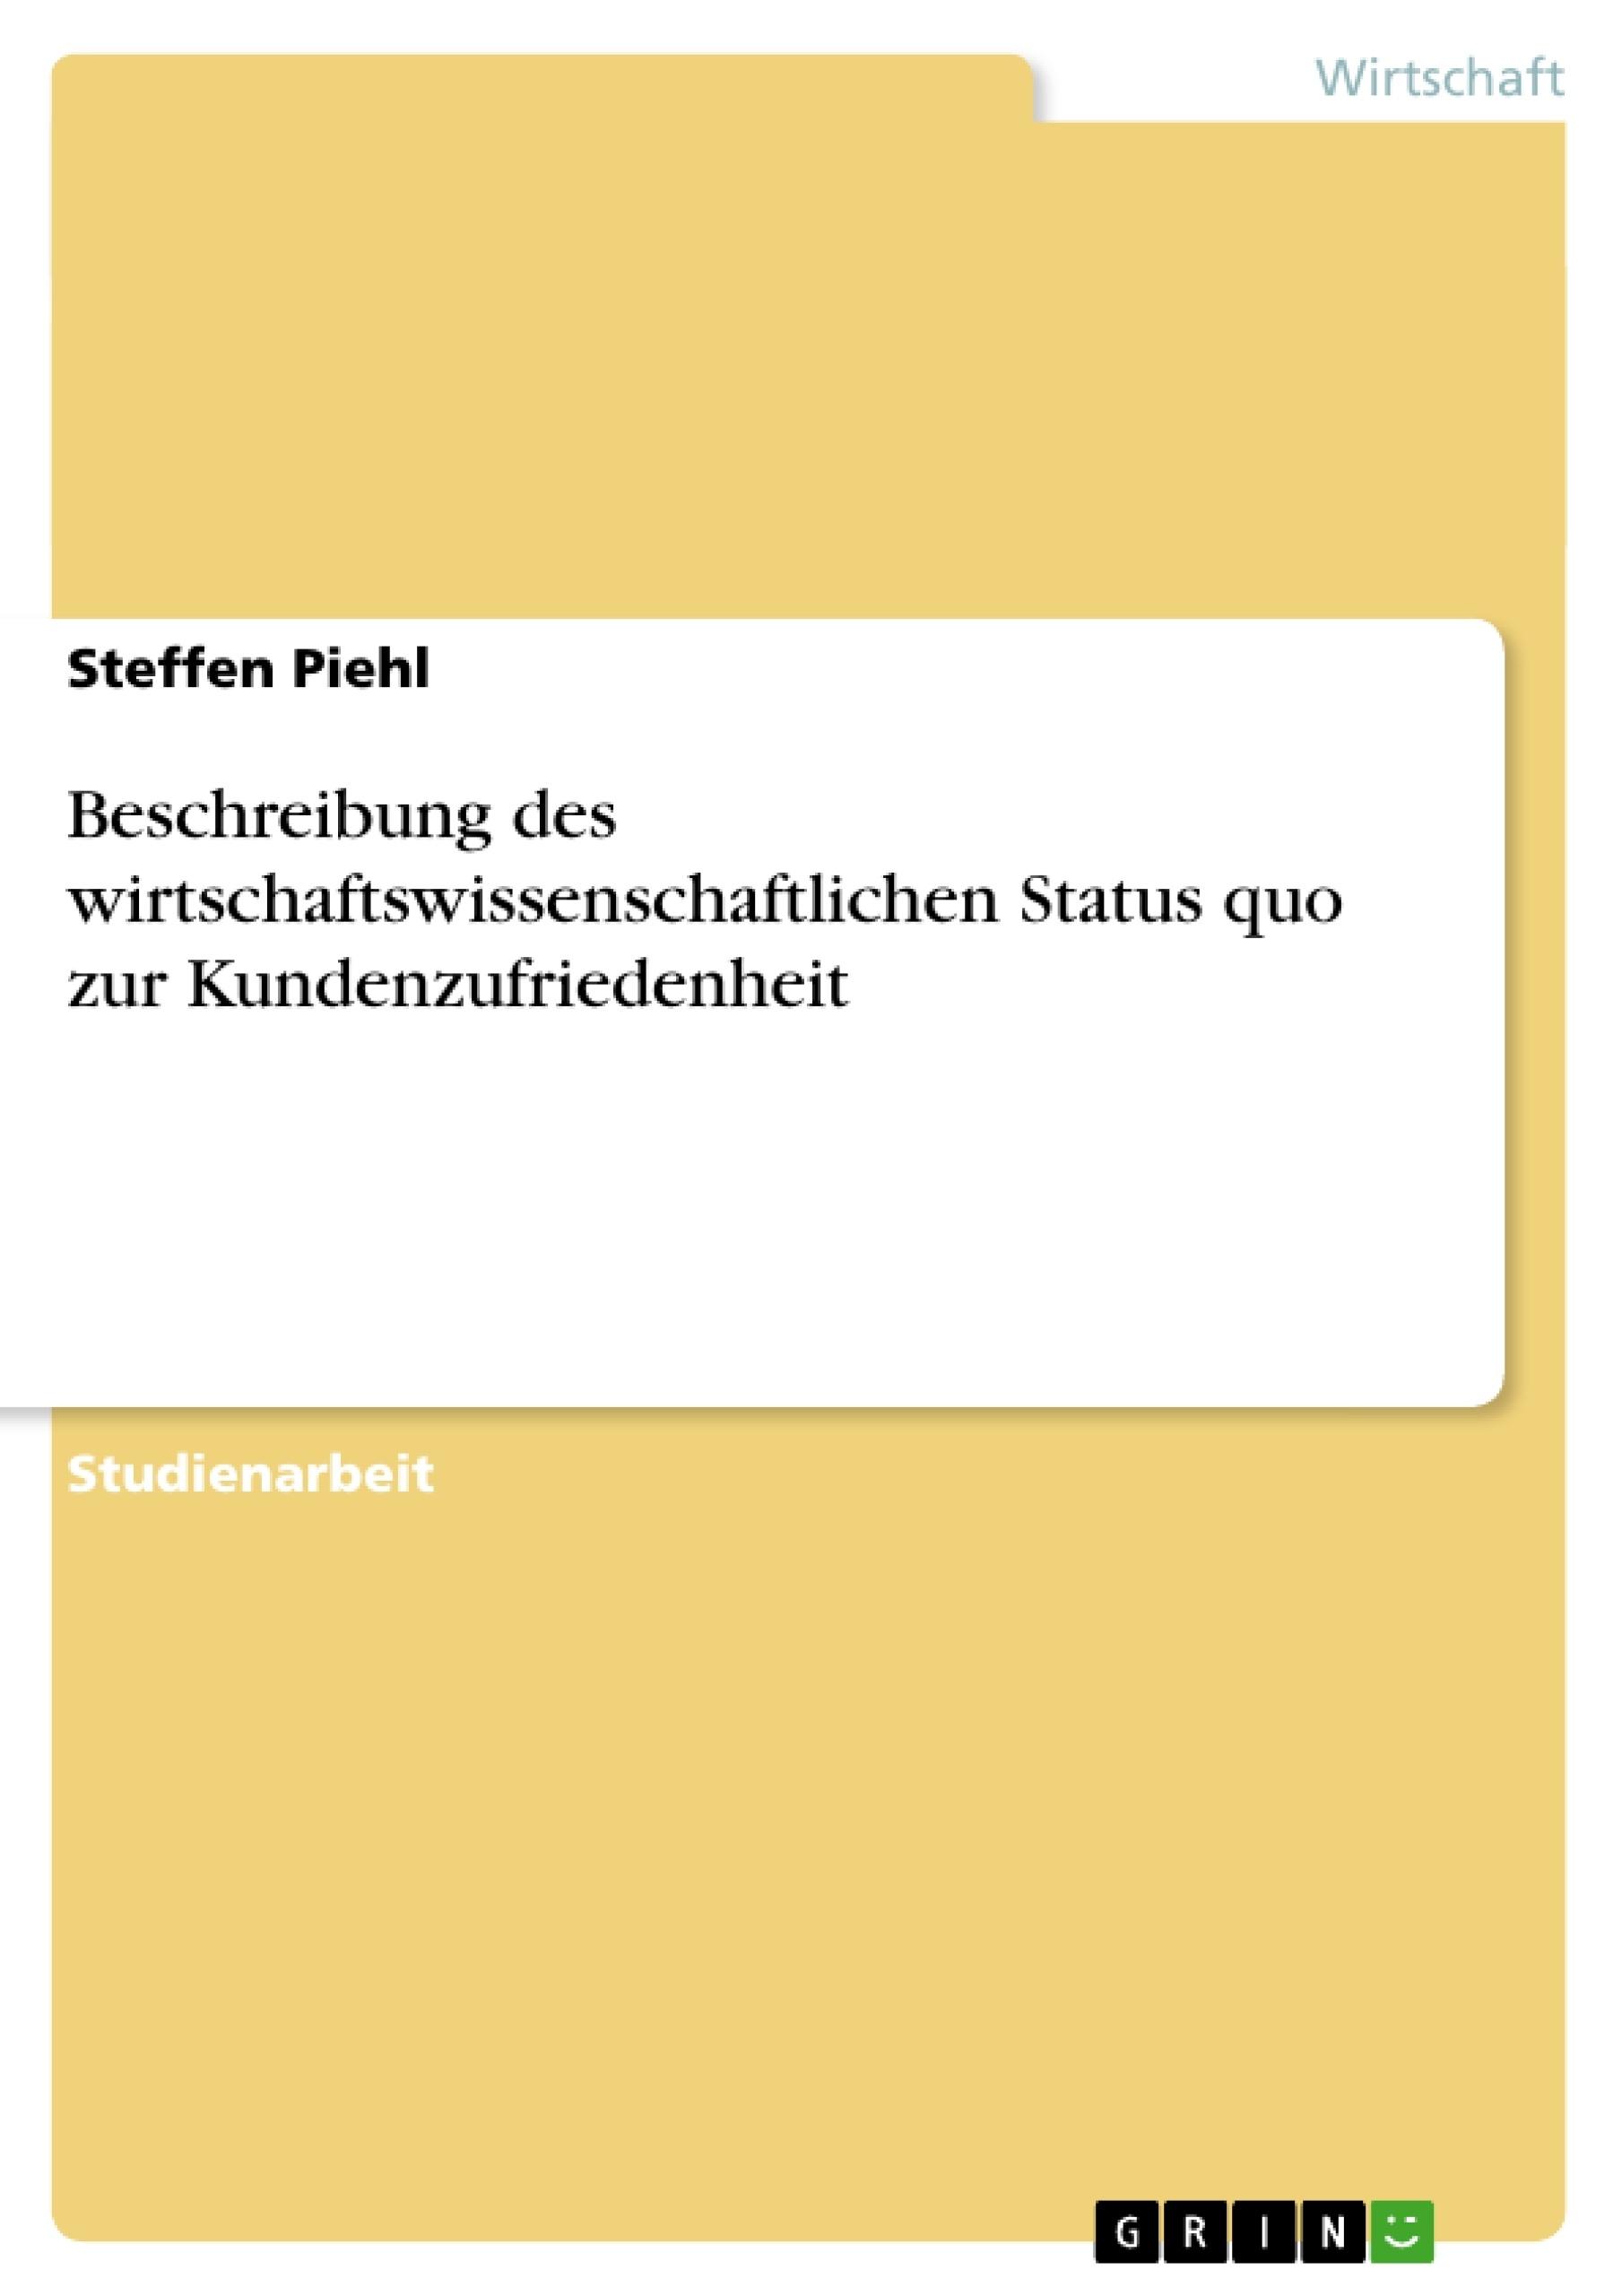 Titel: Beschreibung des wirtschaftswissenschaftlichen Status quo zur Kundenzufriedenheit